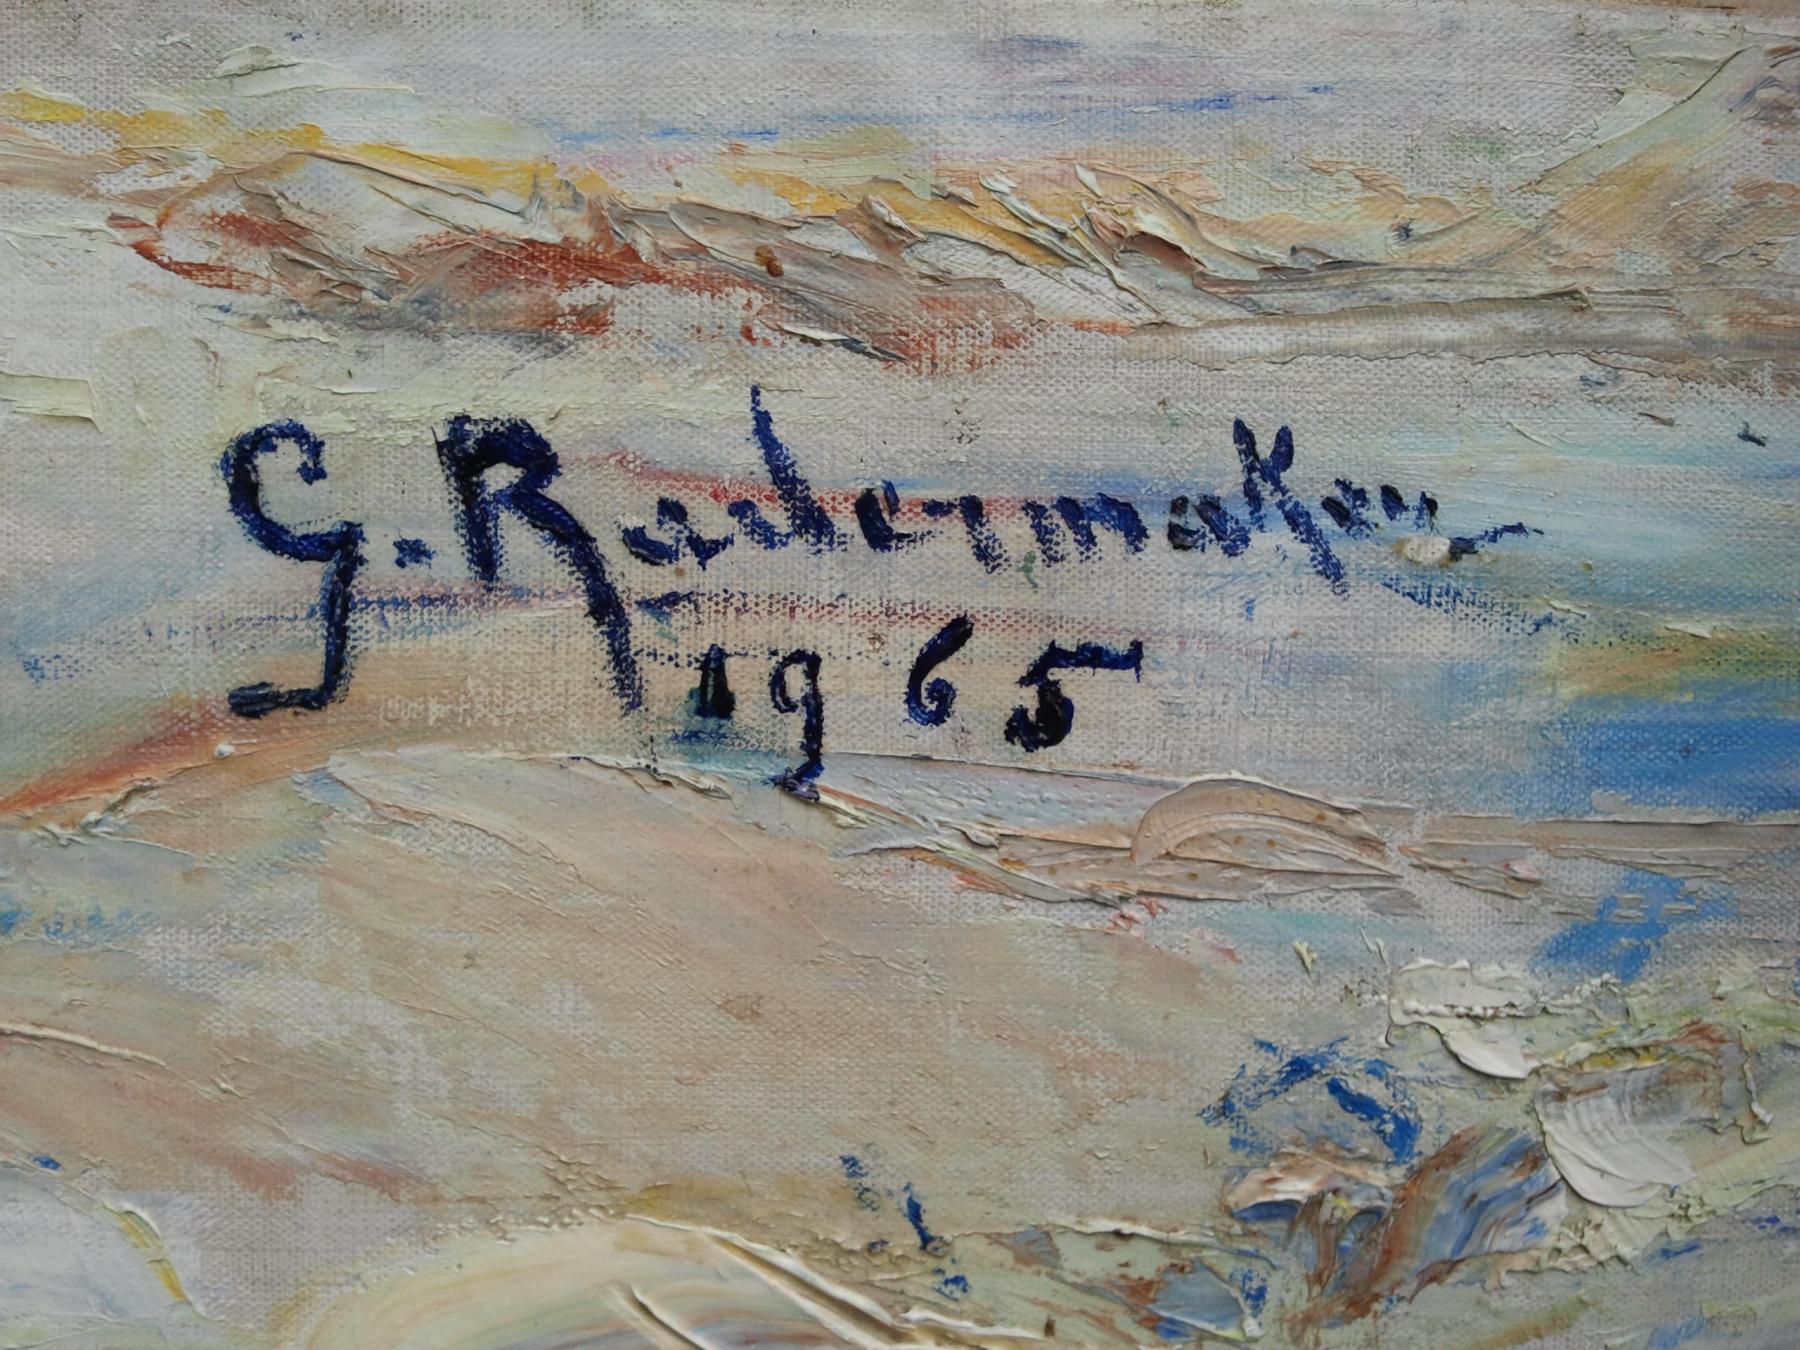 gilberte radermaker paysage asiatique signature